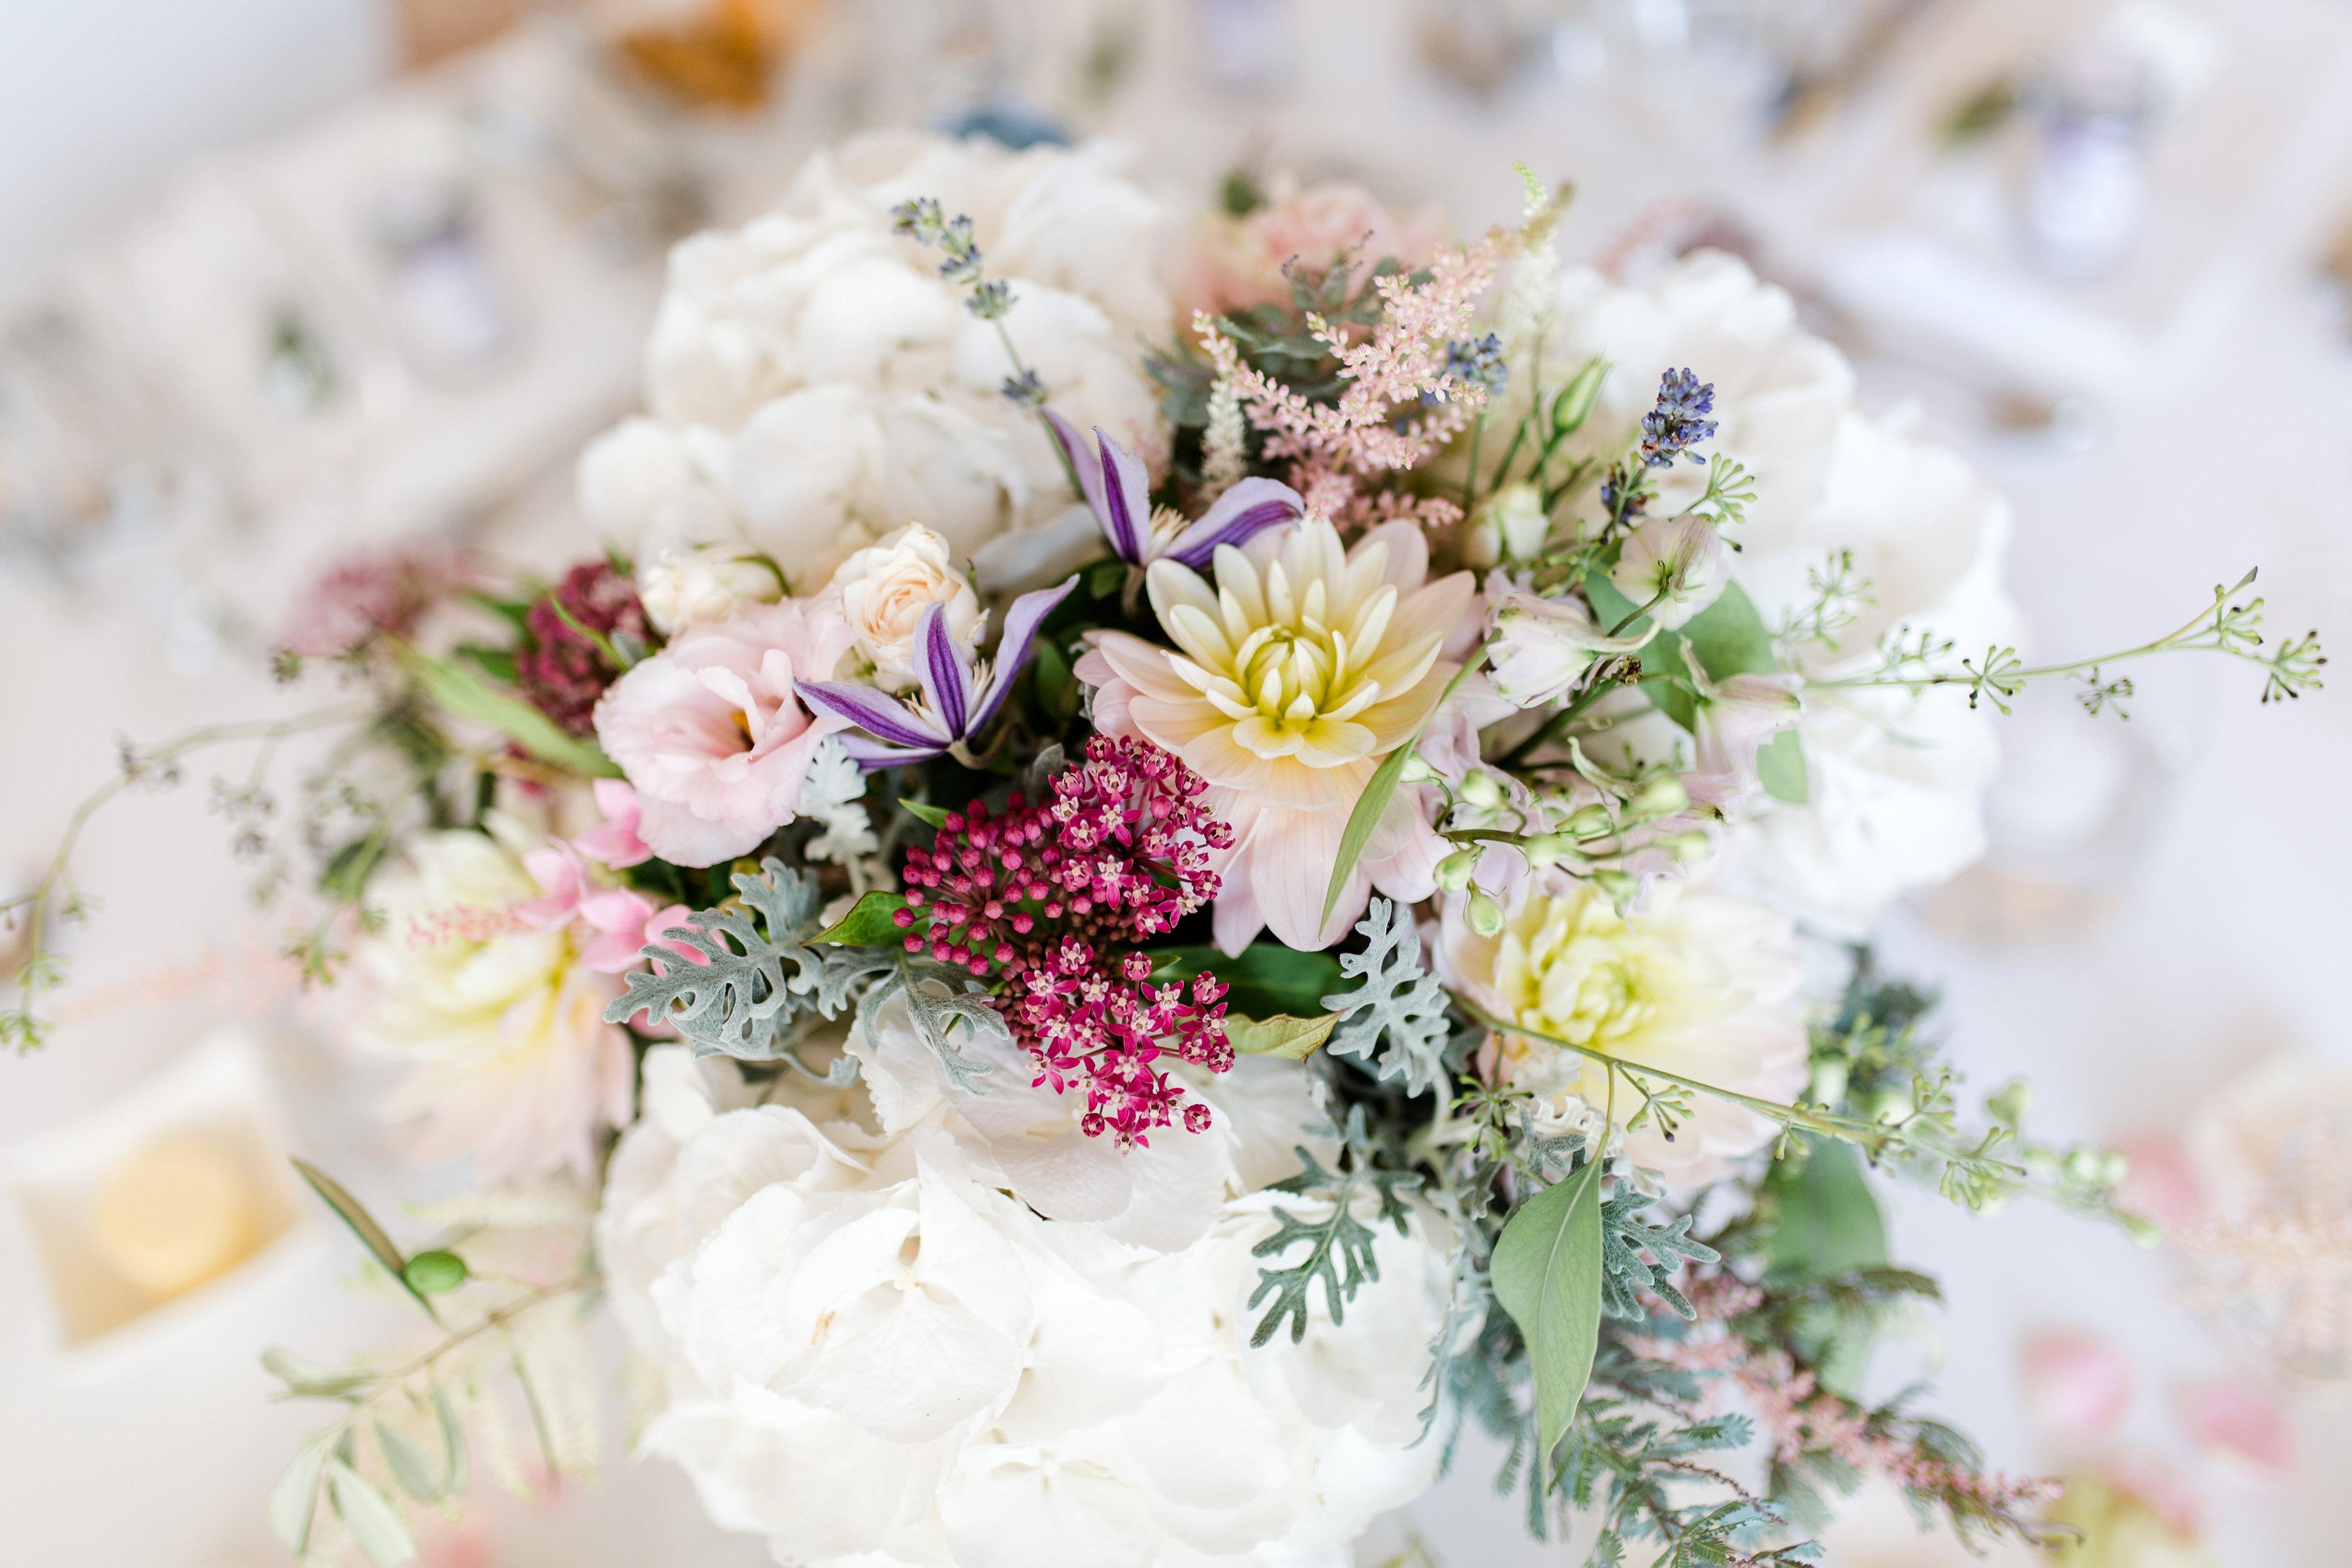 Hochzeitsfloristik Gesteck aus verschiedenen frischen Farben wie rosa violett weiss und geld mit verschiedenen Blumen mit gruenen Blaettern